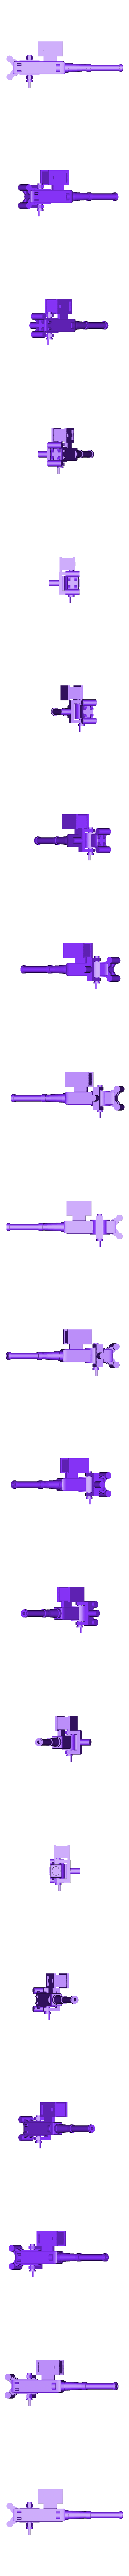 Mounted MG.stl Télécharger fichier STL Ork Tank / Canon d'assaut 28mm optimisé pour FDM Printing • Modèle pour imprimante 3D, redstarkits